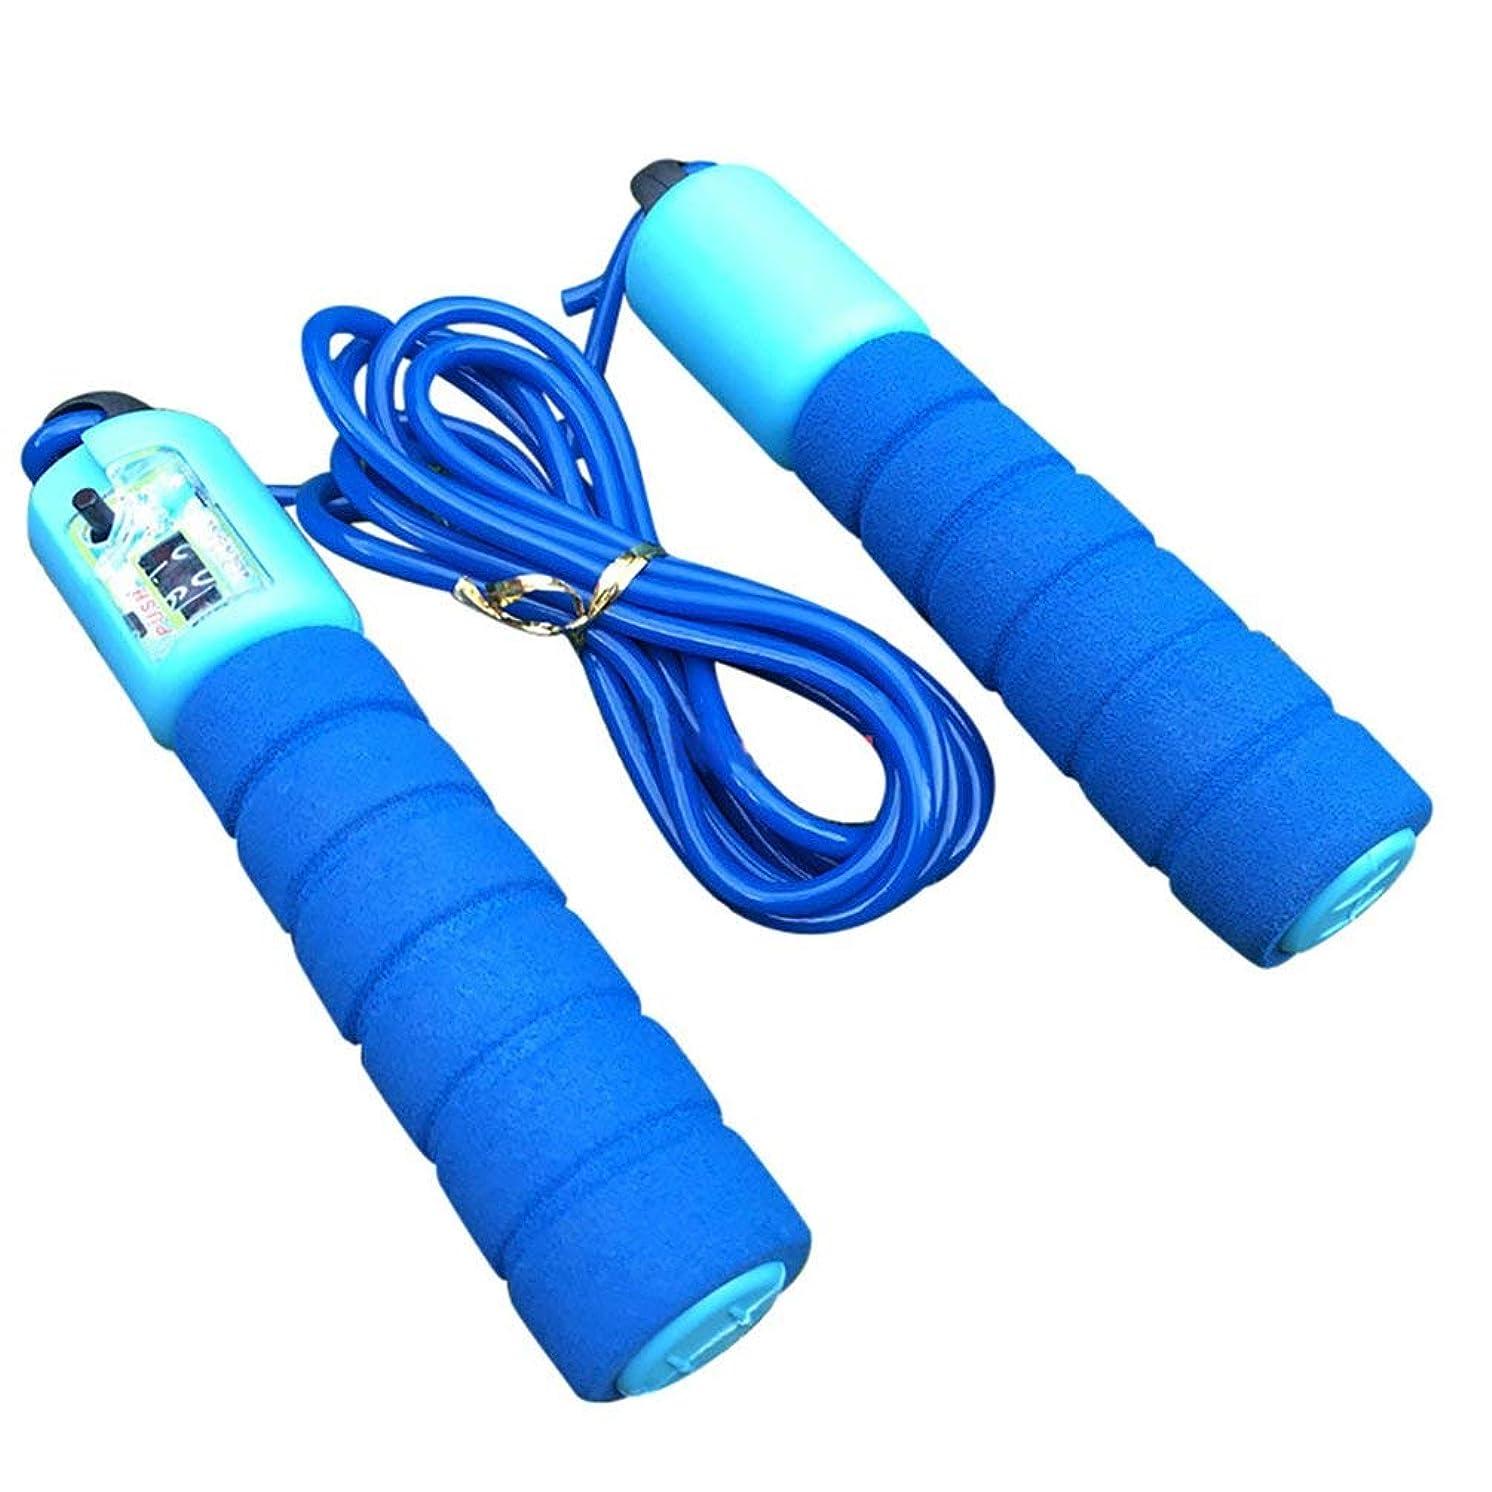 研磨剤挨拶修羅場調整可能なプロフェッショナルカウント縄跳び自動カウントジャンプロープフィットネス運動高速カウントジャンプロープ - 青